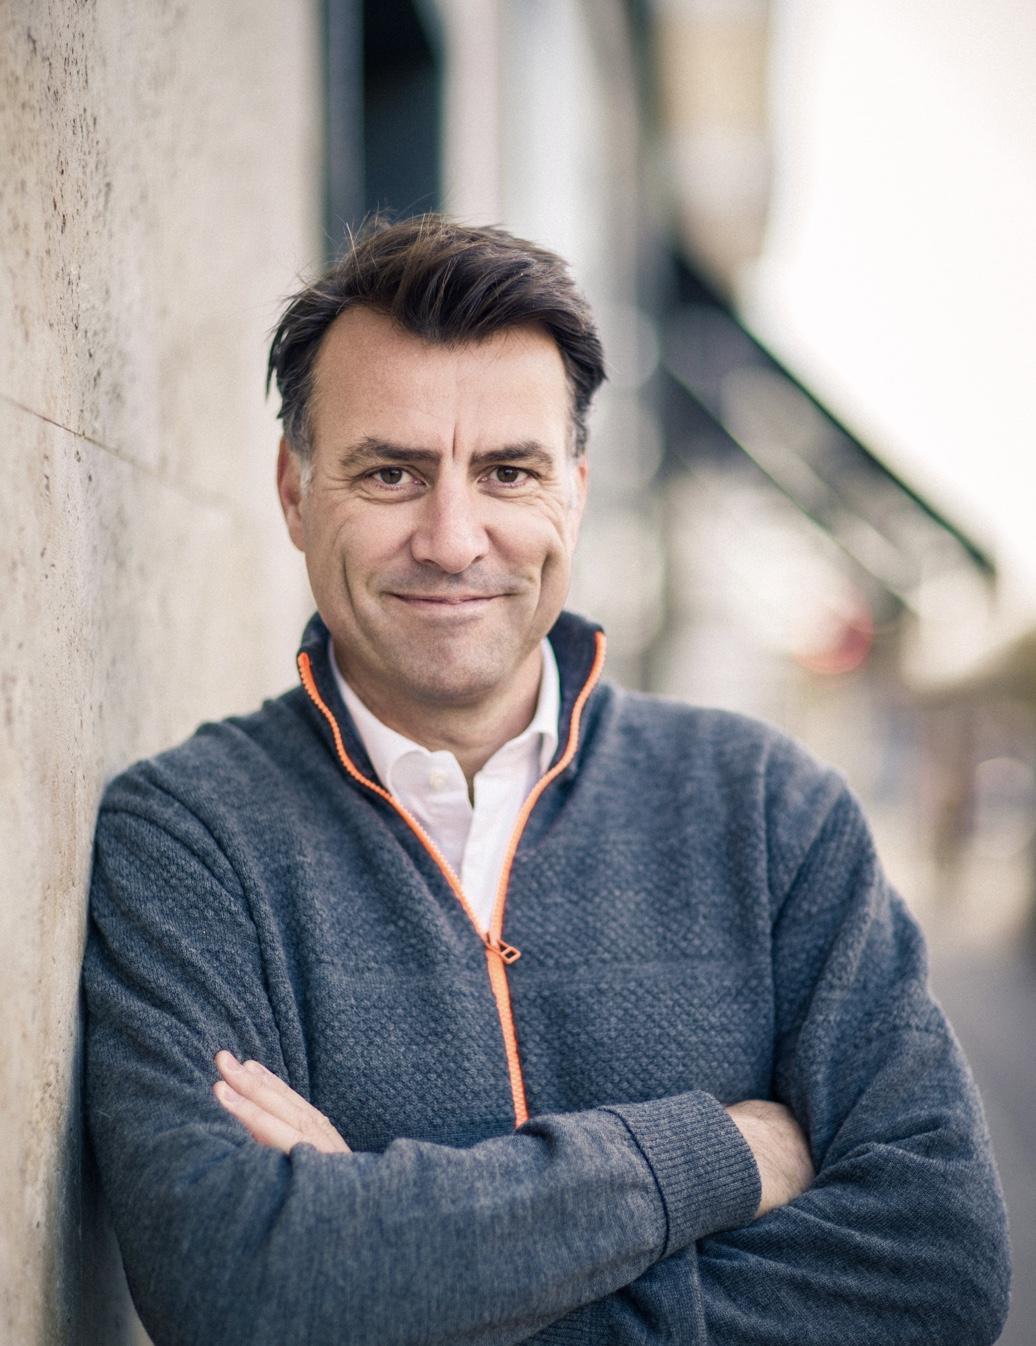 TV2s Mikael Kamber: Derfor skal vi smile mere til hinanden